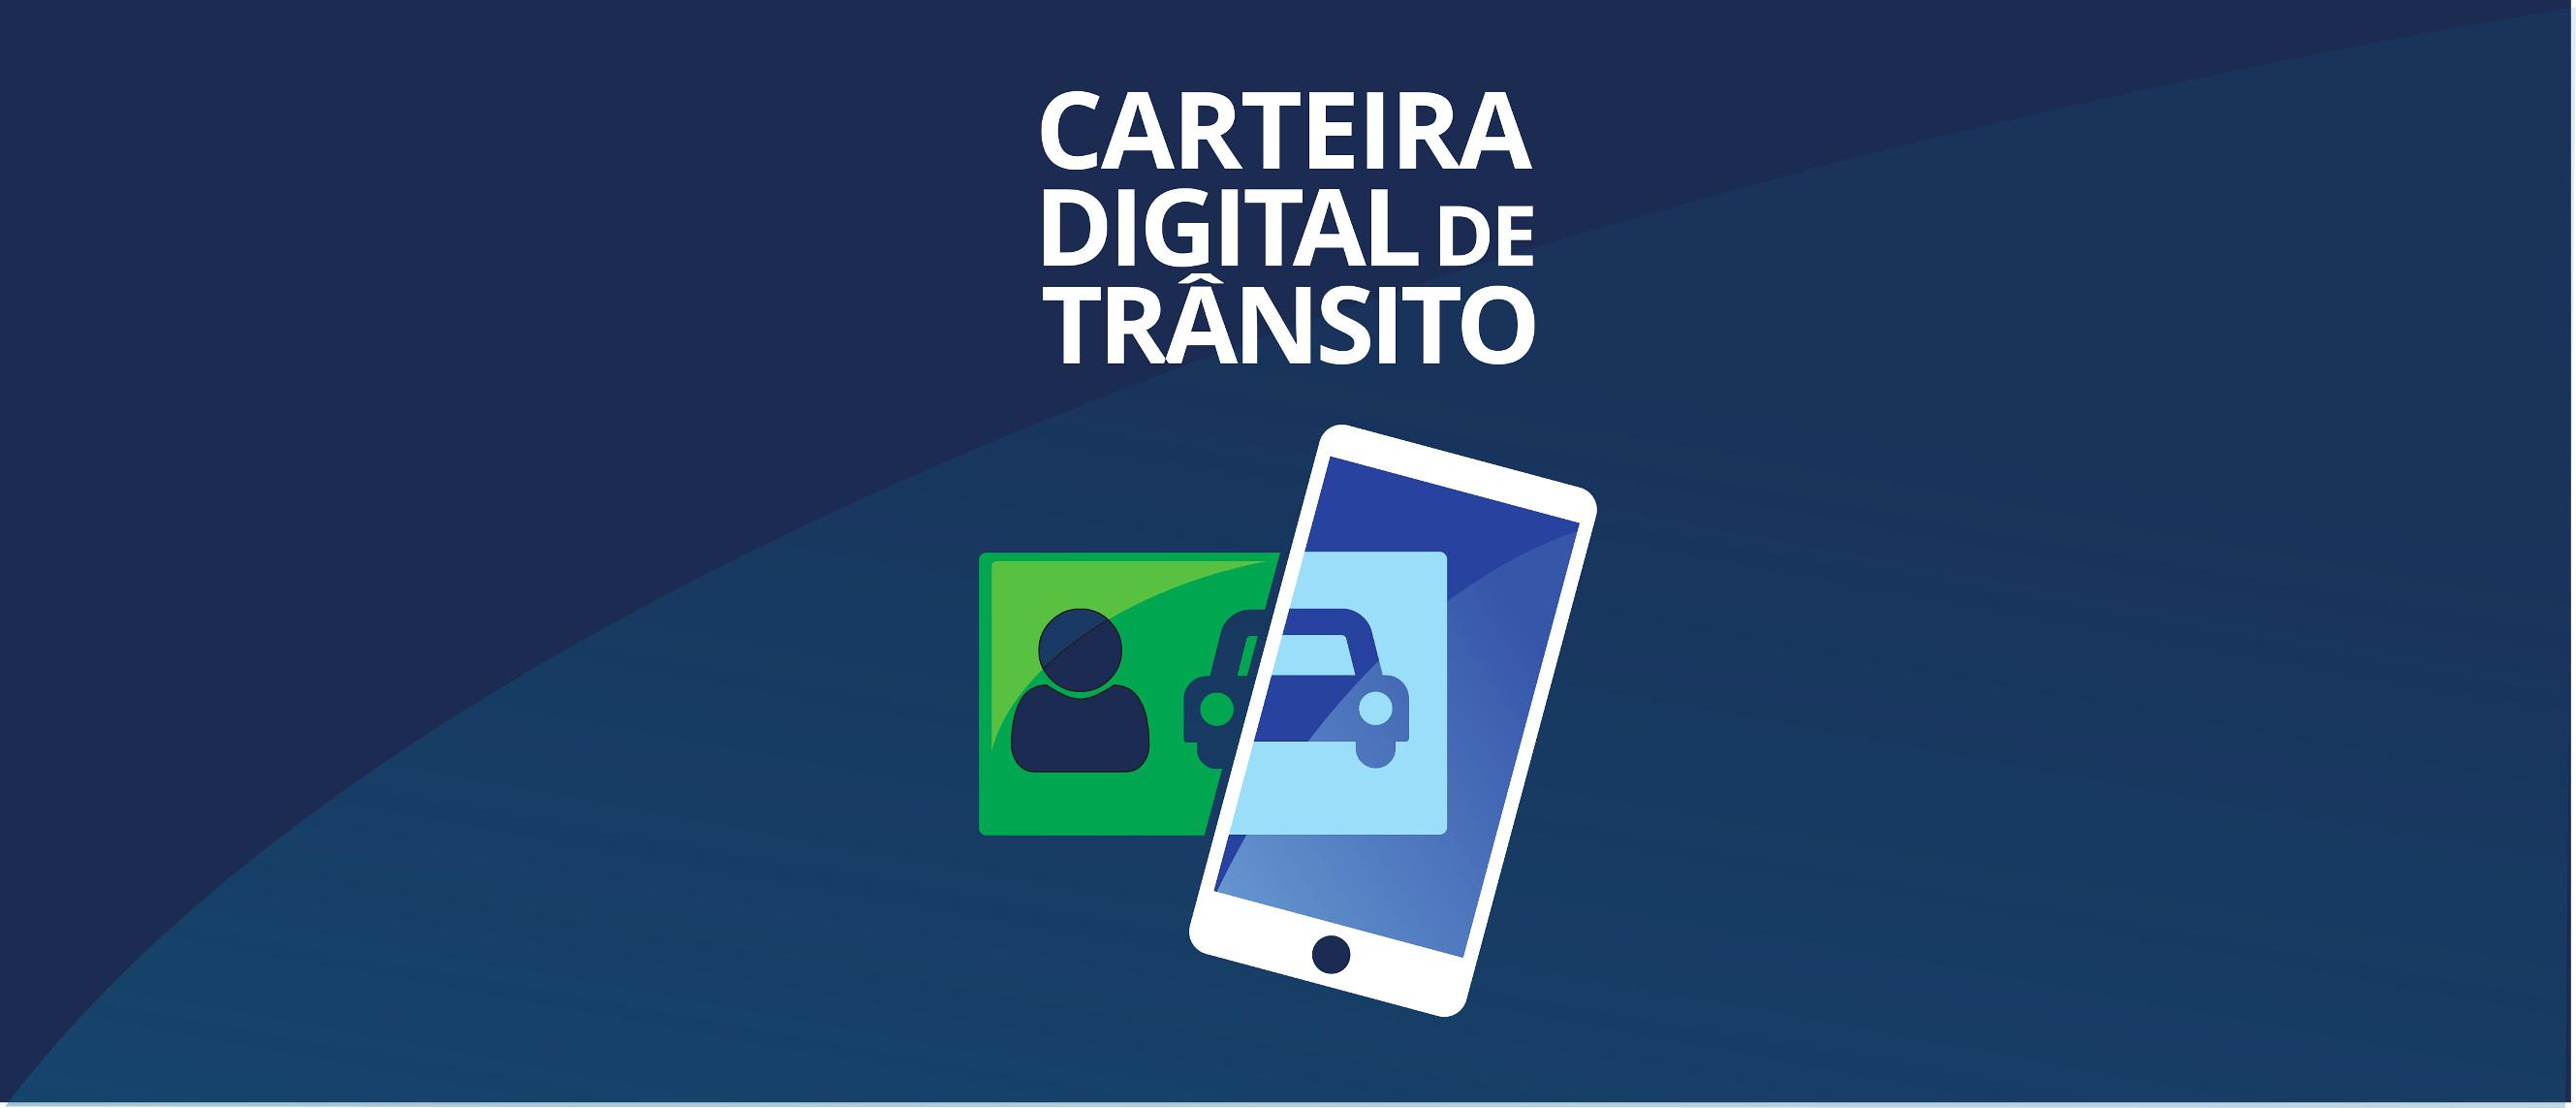 https://serpro.gov.br/menu/nosso-portfolio/por-publico/para-cidadao/cnh-digital-1